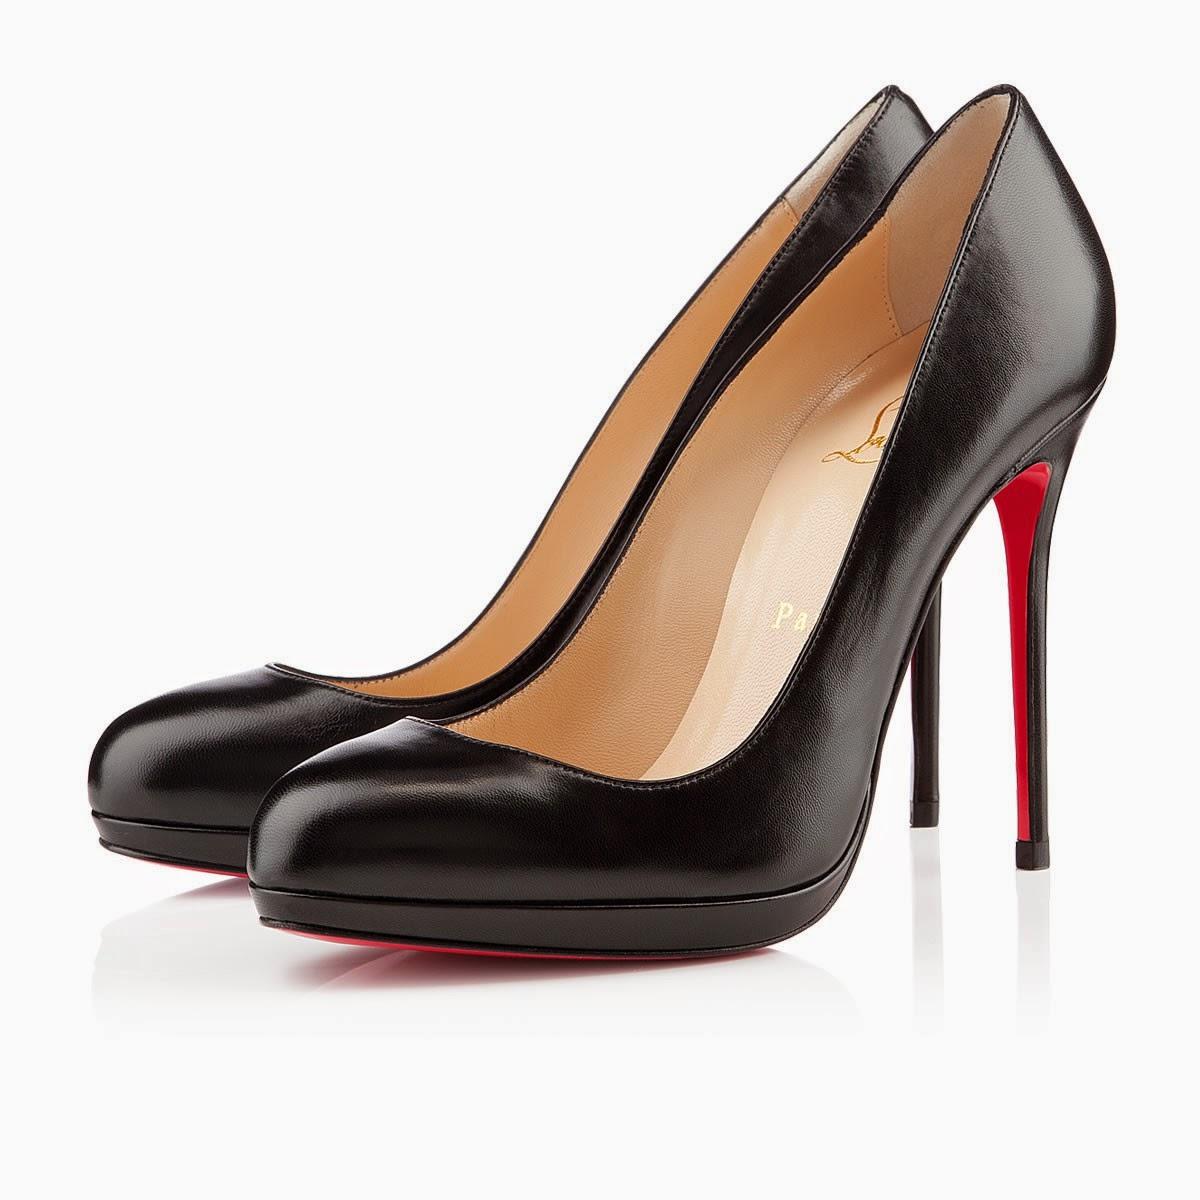 Black Court Shoes Size